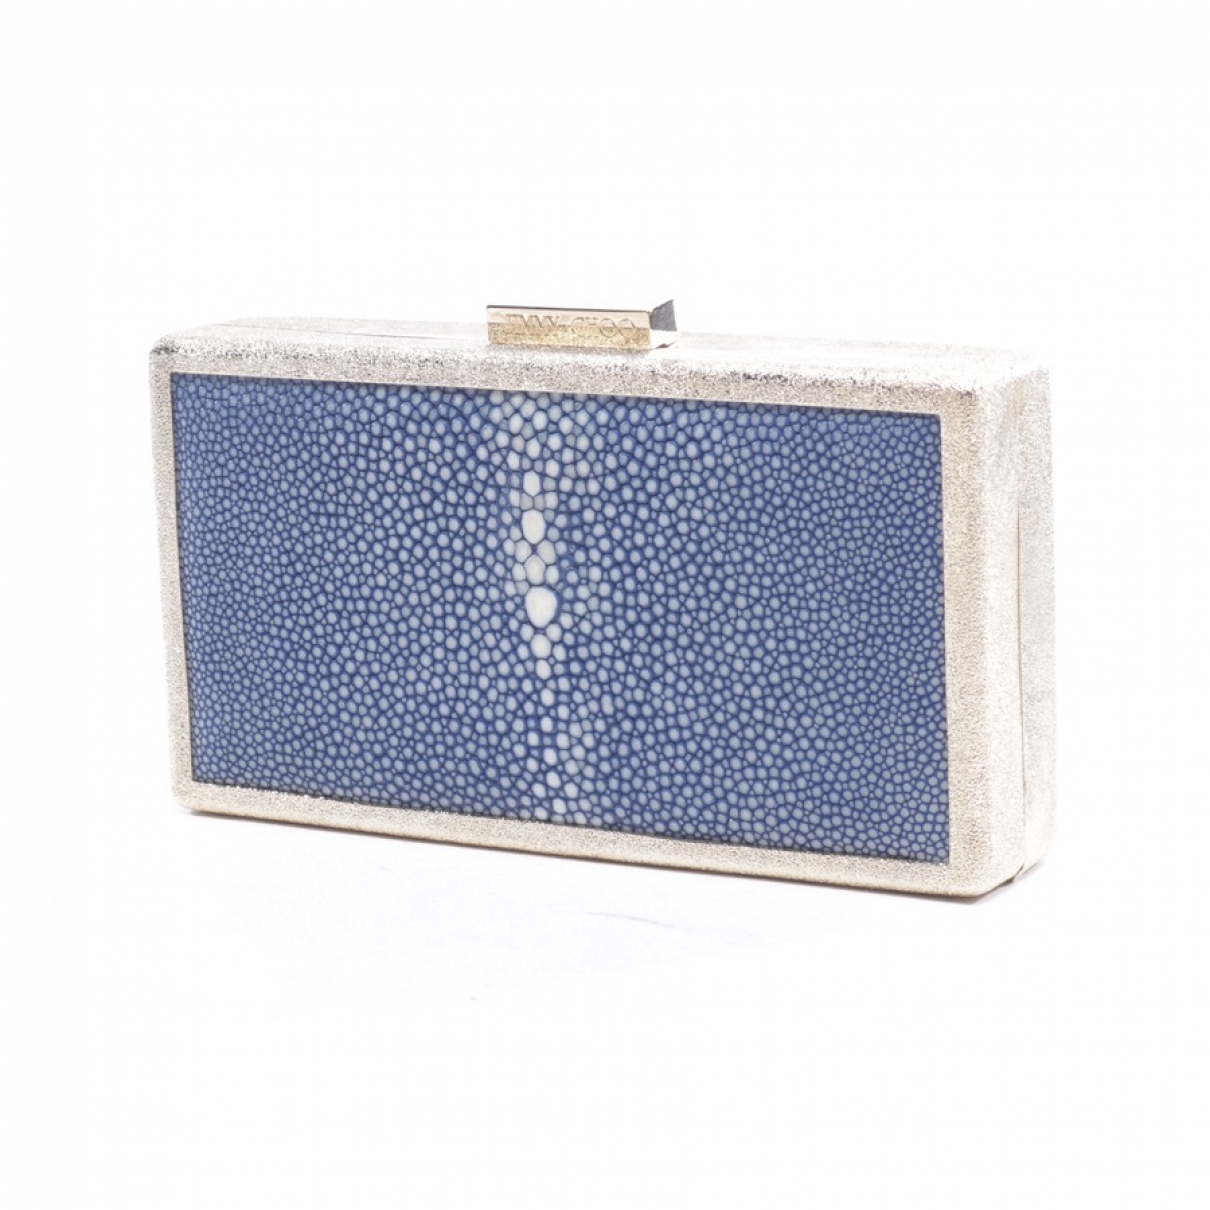 Jimmy Choo \N Metallic Stingray Clutch bag for Women \N